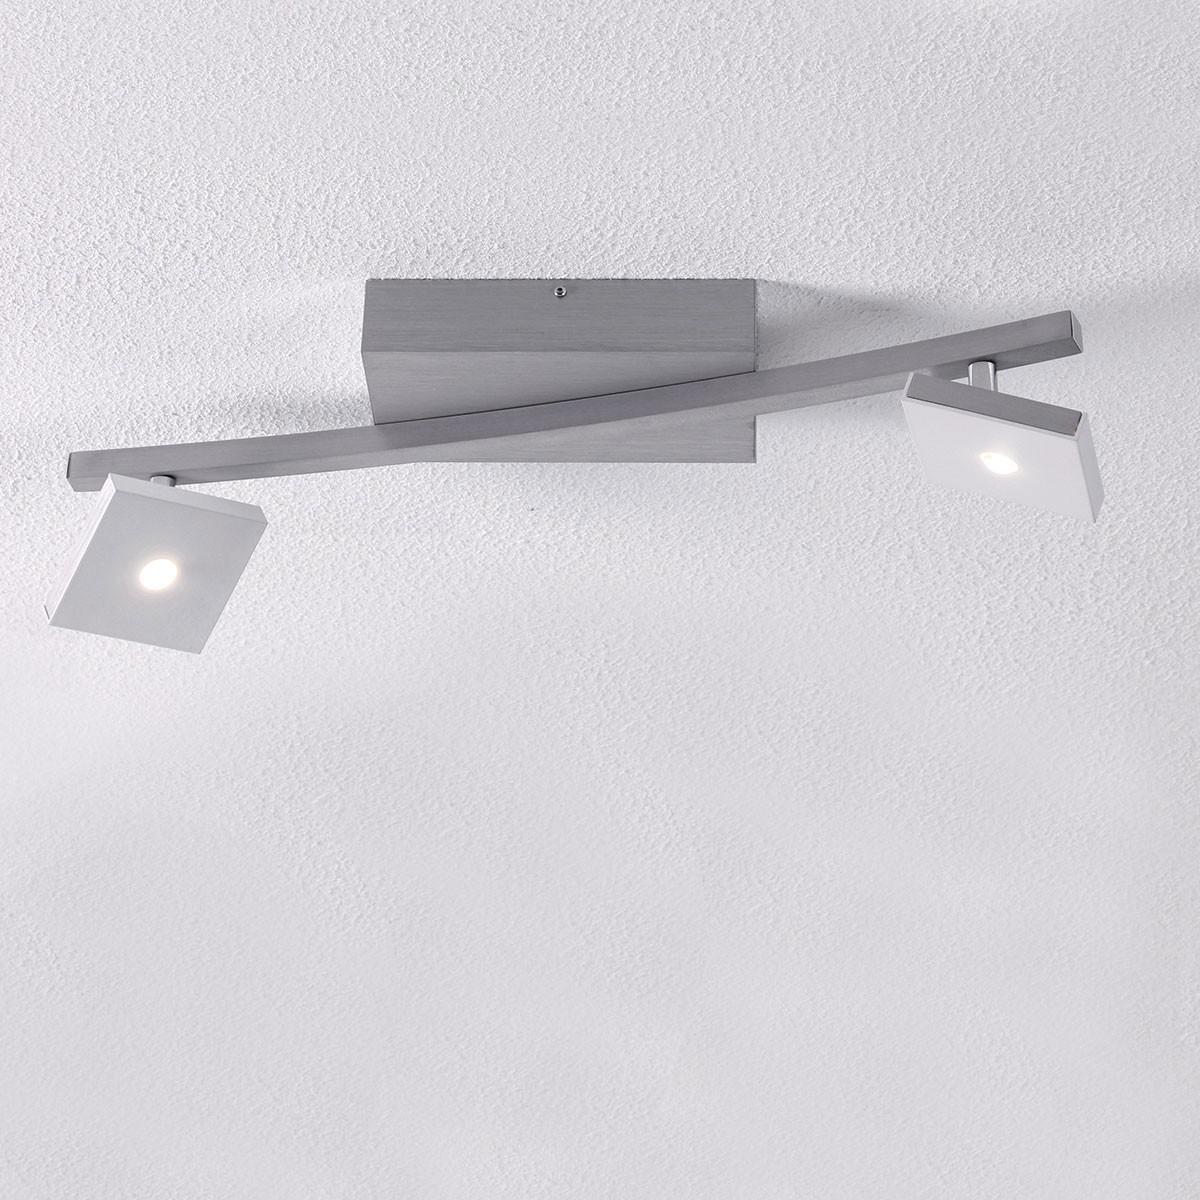 Bopp Domino LED Deckenleuchte, 2-flg., Aluminium geschliffen - weiß